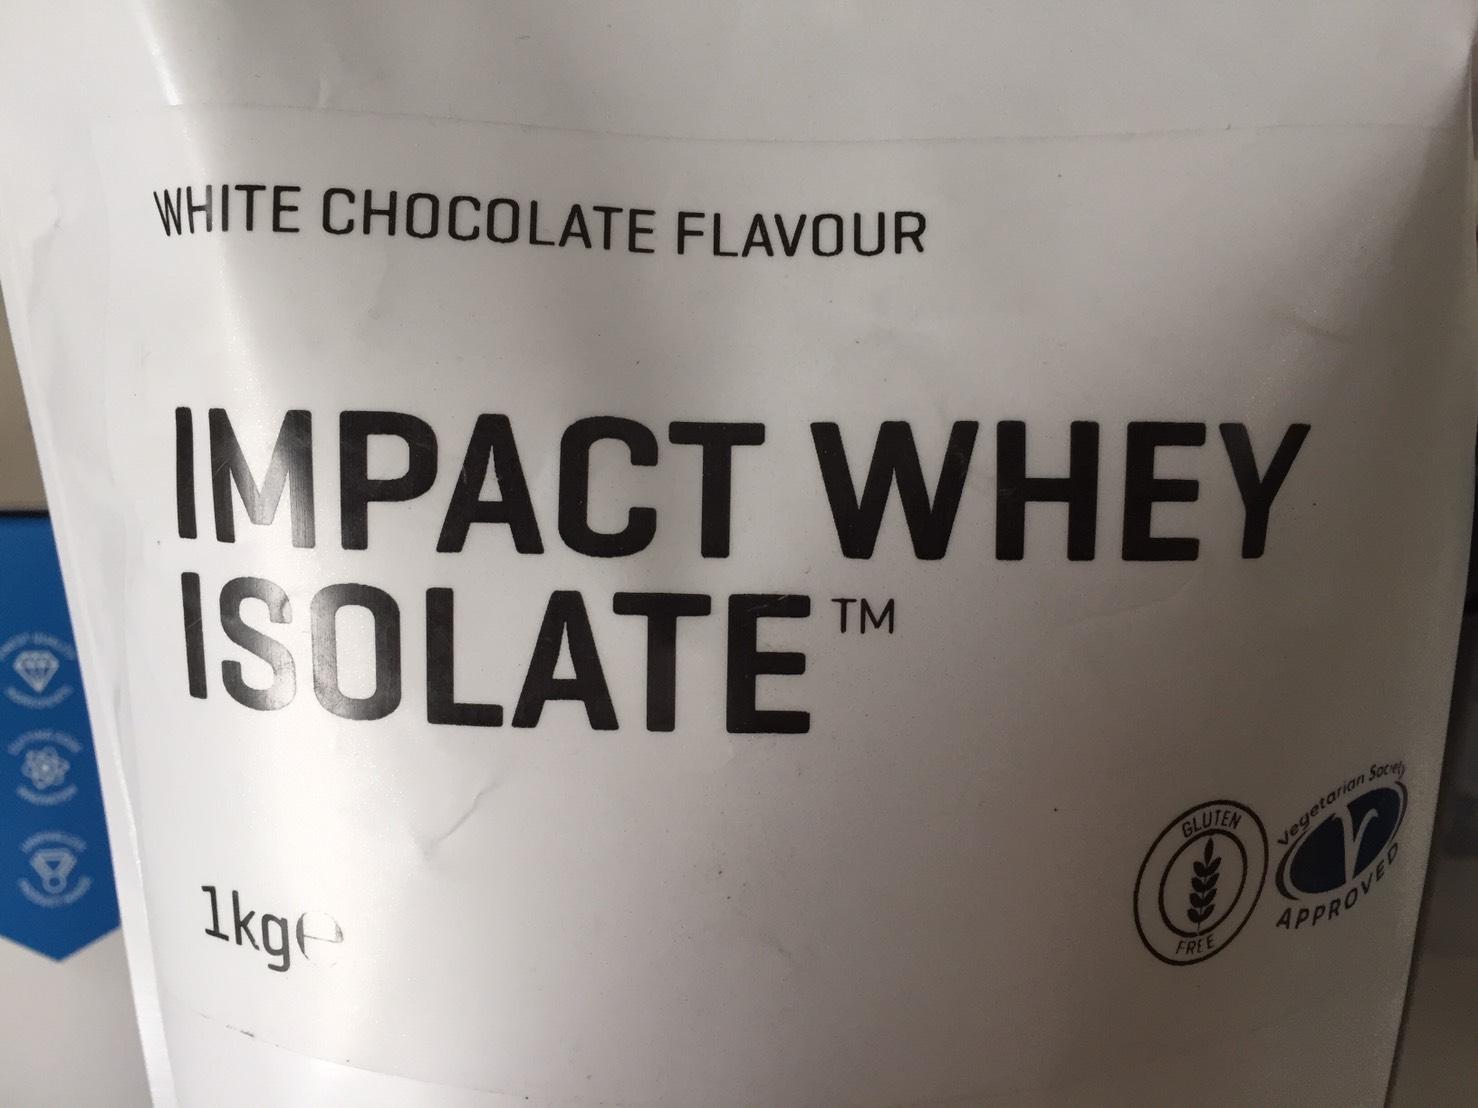 【WPI】IMPACT 分離ホエイプロテイン (アイソレート)「WHITE CHOCOLATE FLAVOUR(ホワイトチョコレート味)」